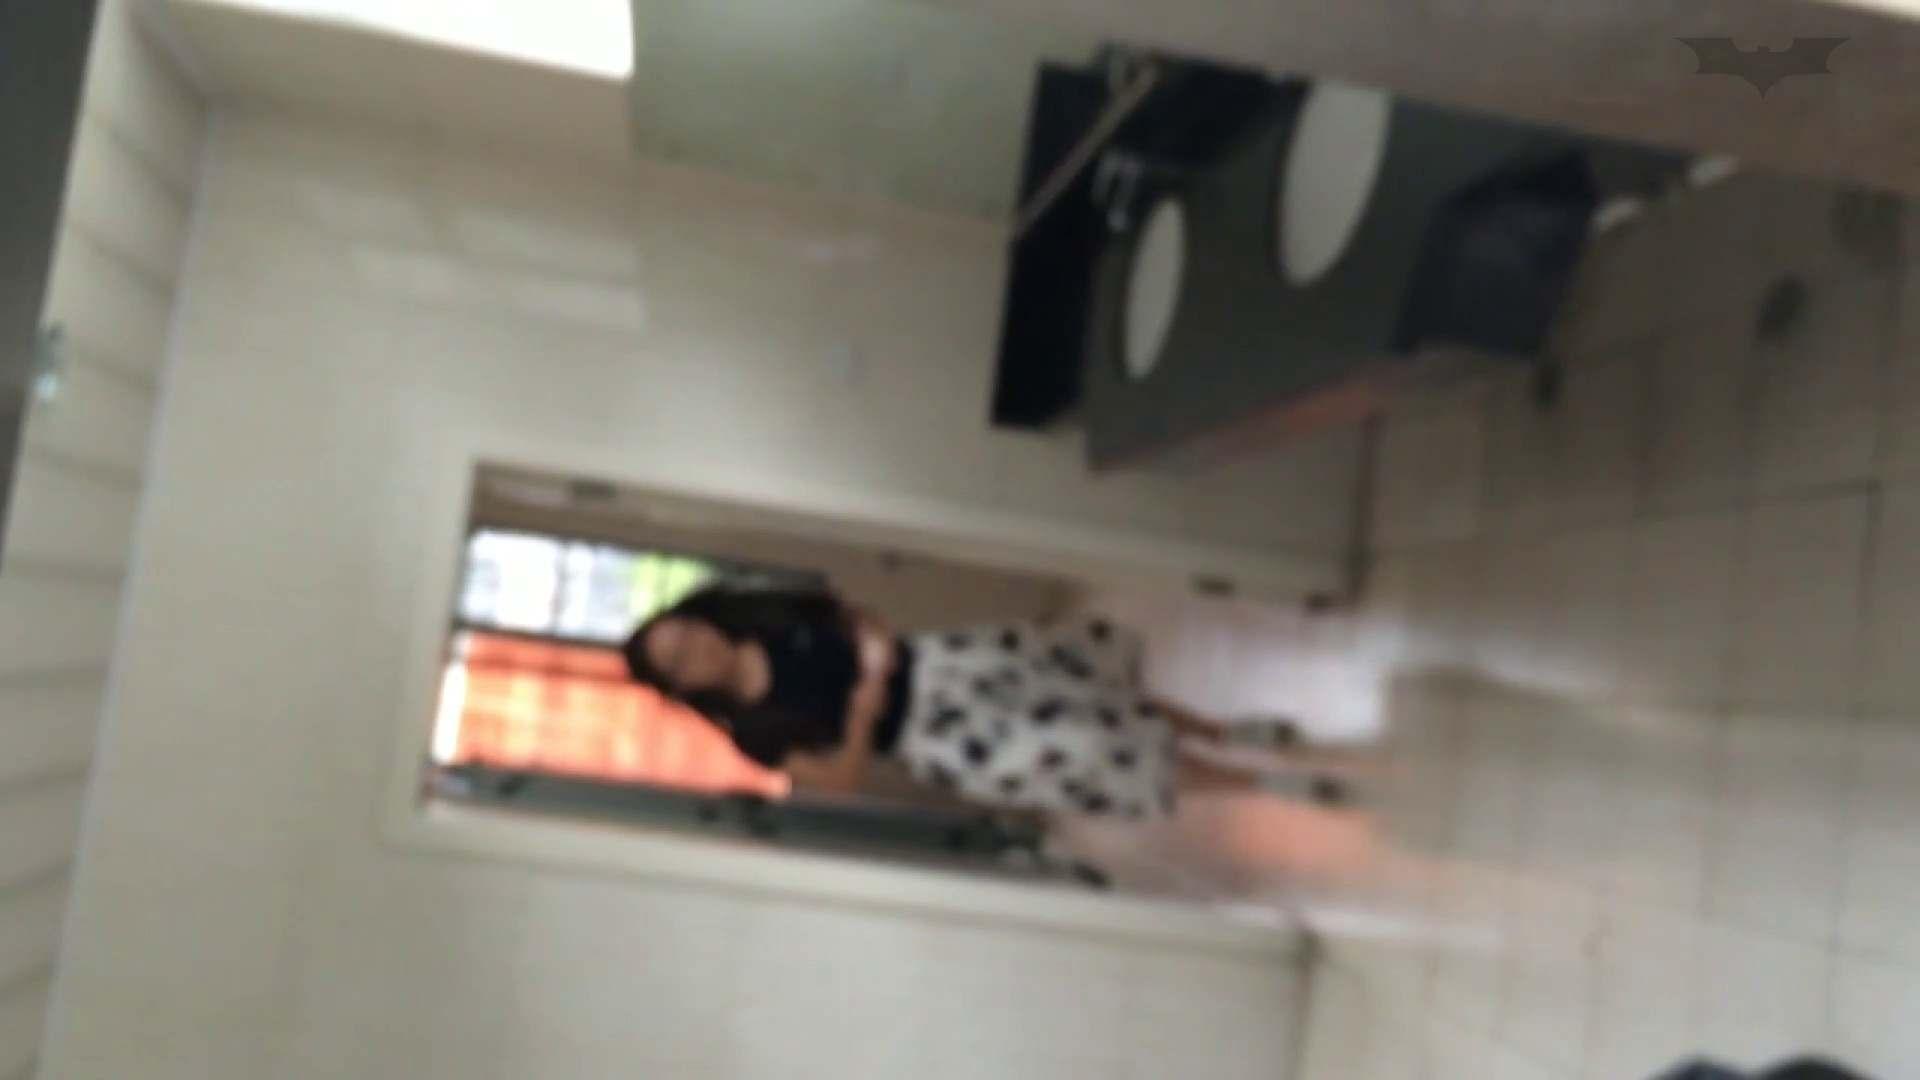 JD盗撮 美女の洗面所の秘密 Vol.45 トイレ中 | 盗撮エロすぎ  80連発 3